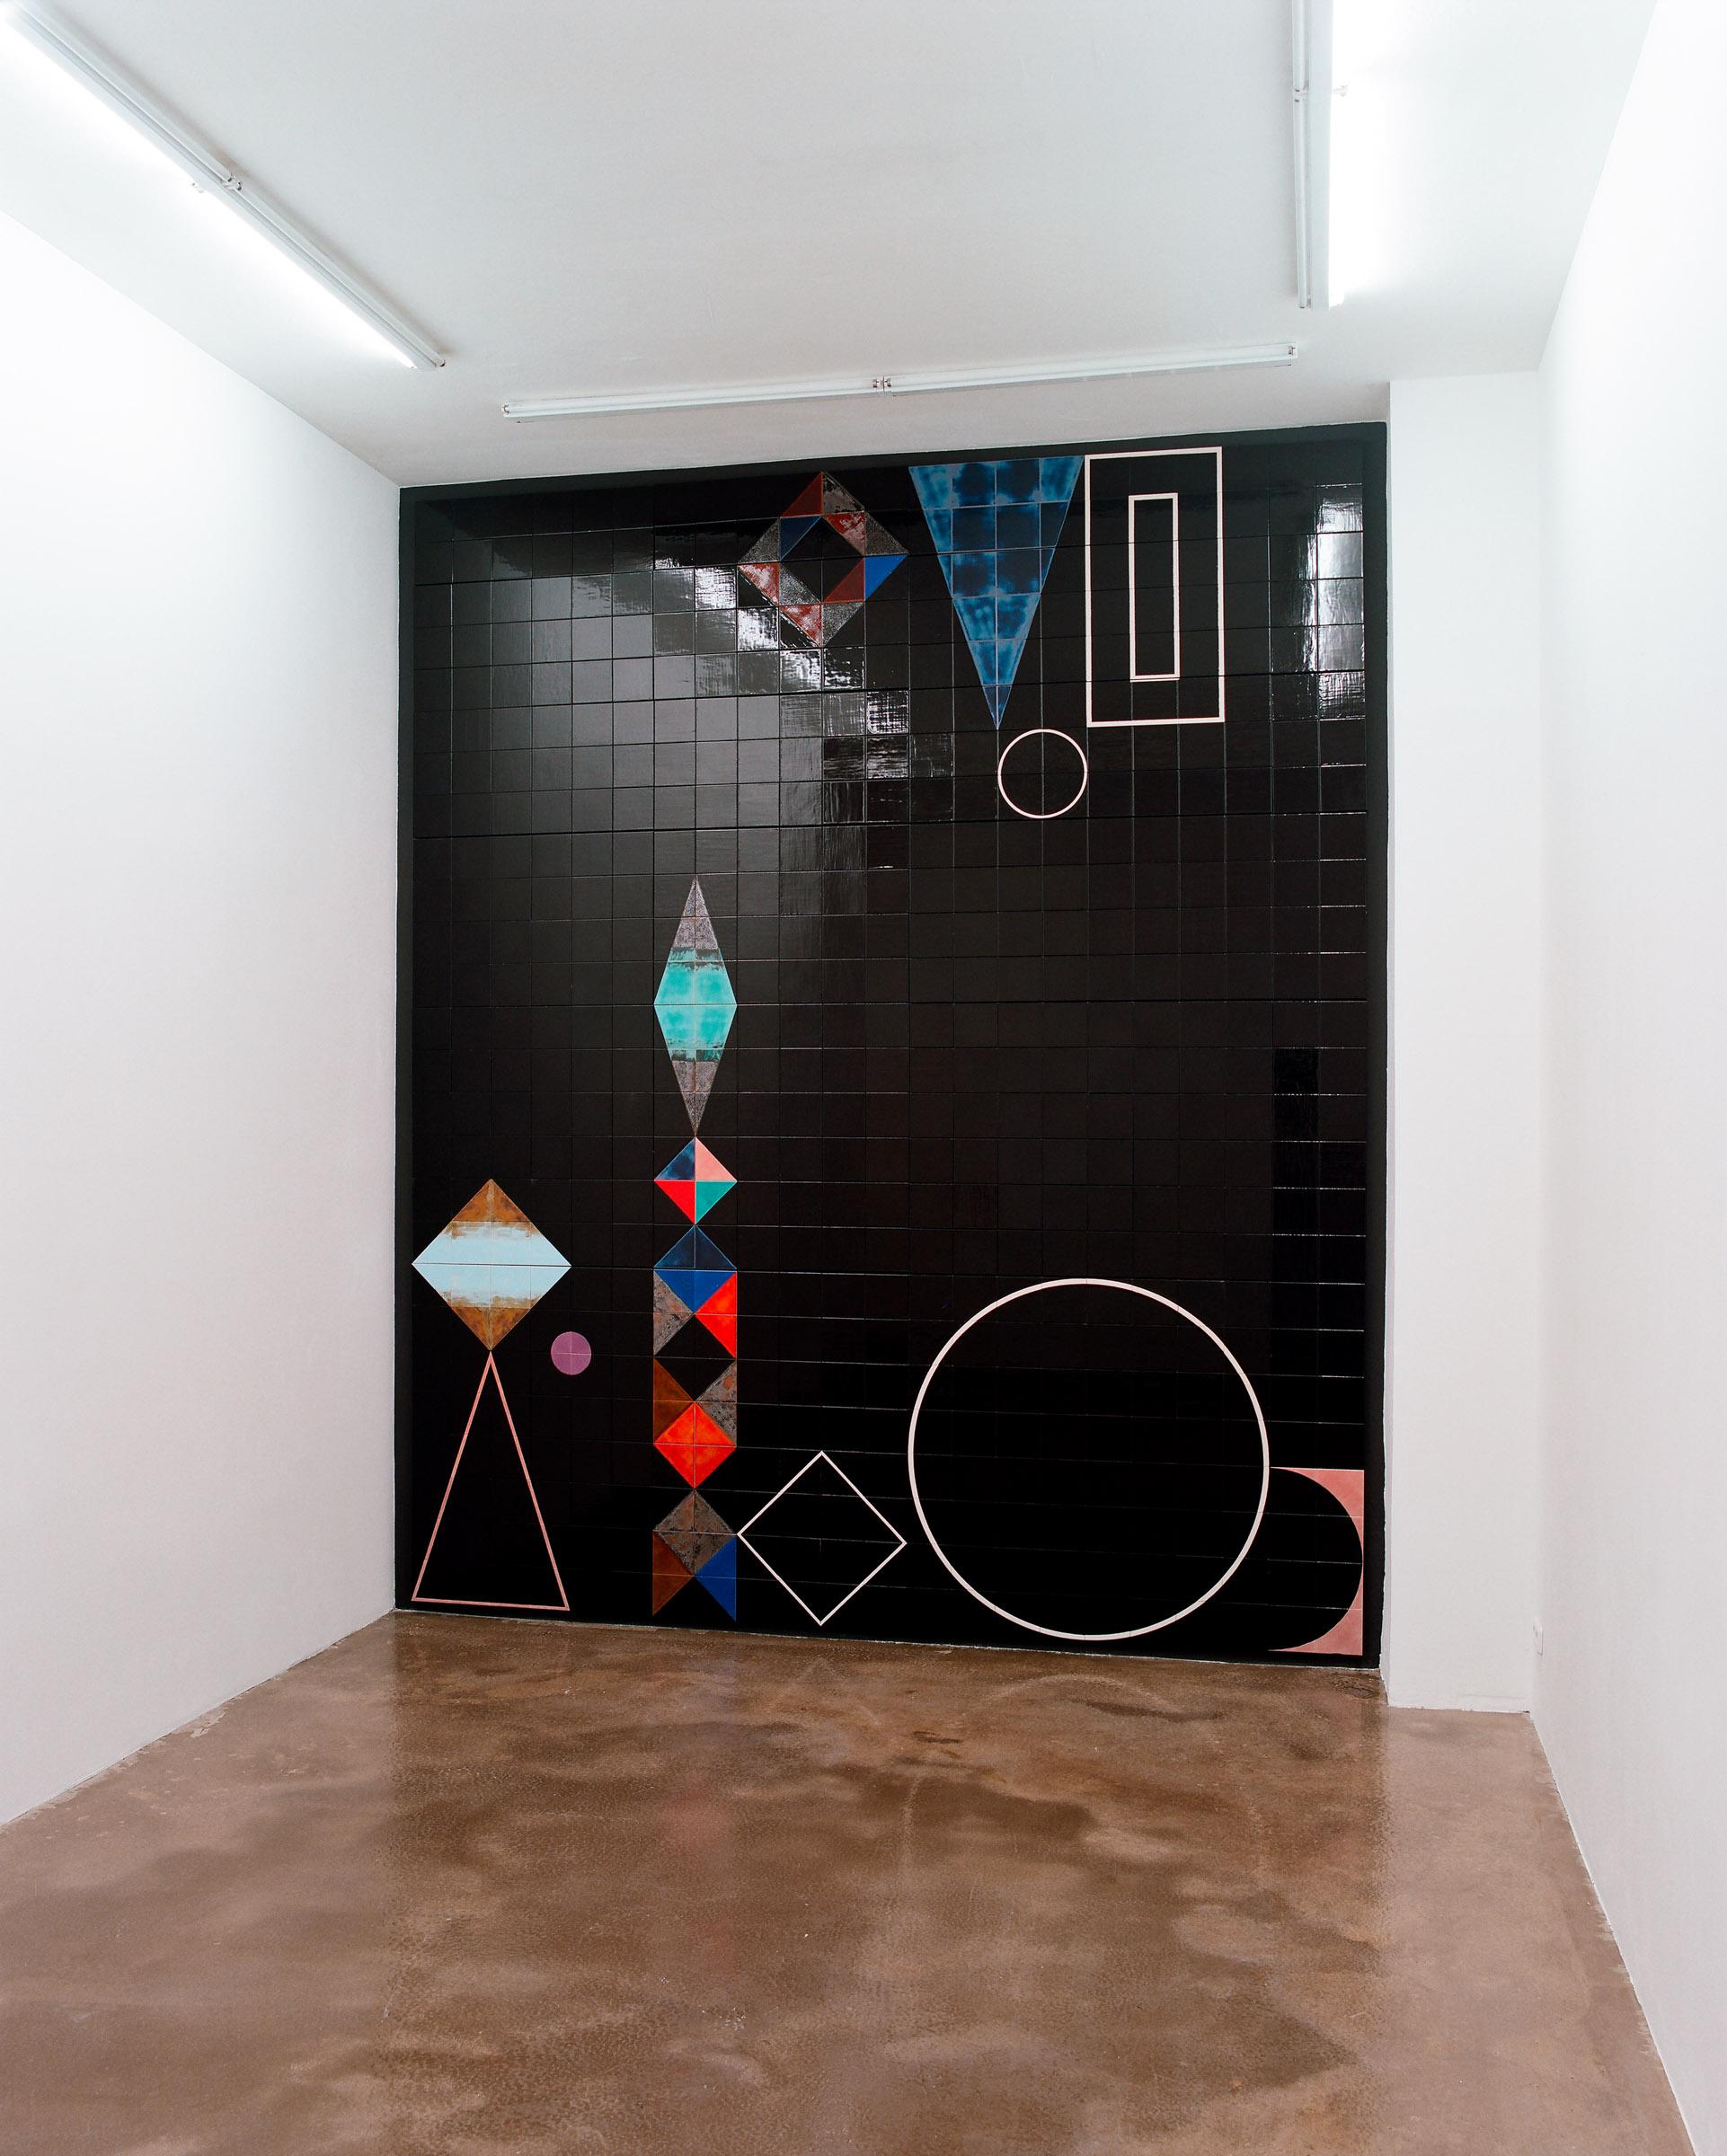 Teppich des Lebens, Galerie Ben Kaufmann 2008 photo_ Kathrin Rother